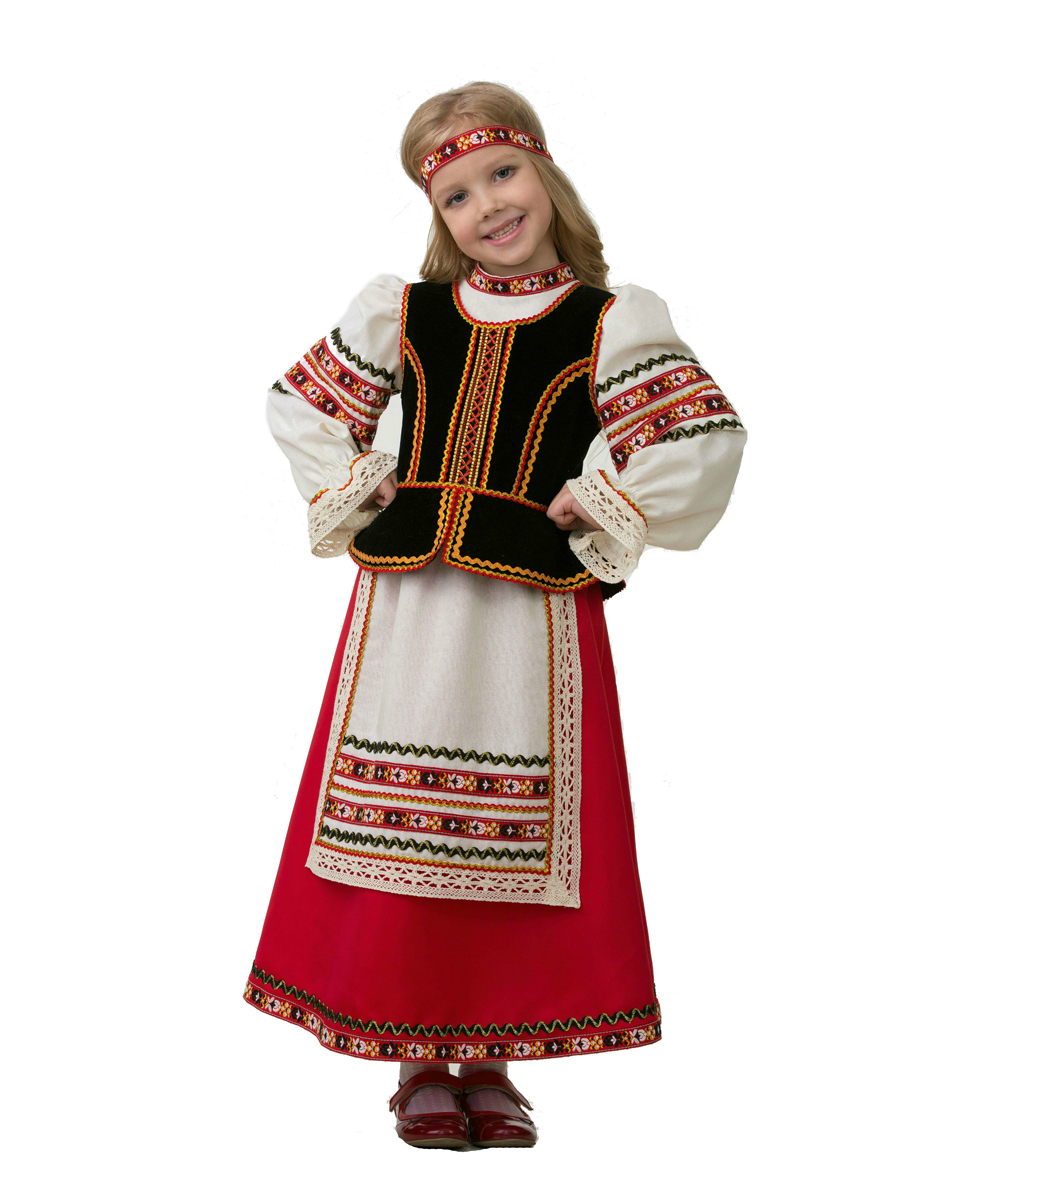 Батик Костюм карнавальный для девочки Славянский костюм размер 34 детский костюм озорного иванушки 34